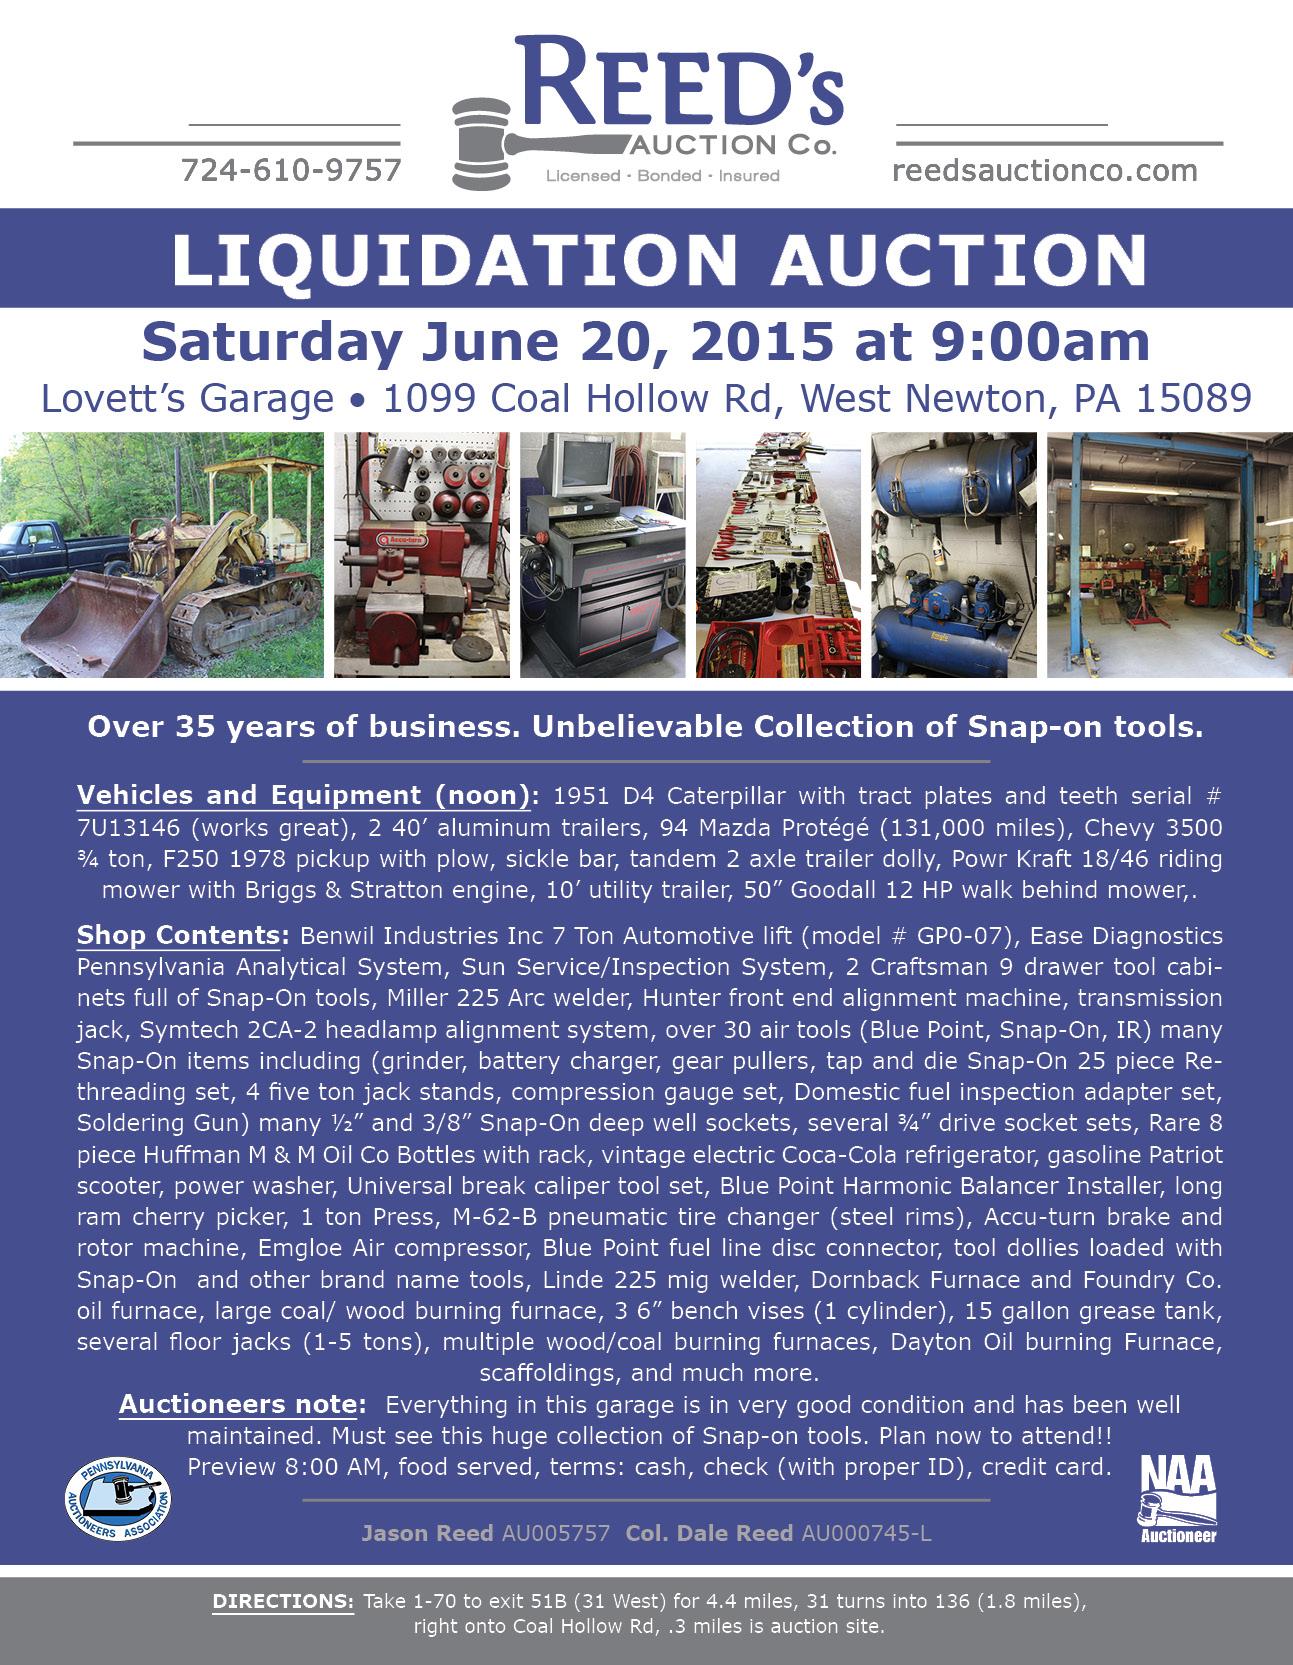 Auction Flyer_Lovetts Garage 6-20-15.jpg